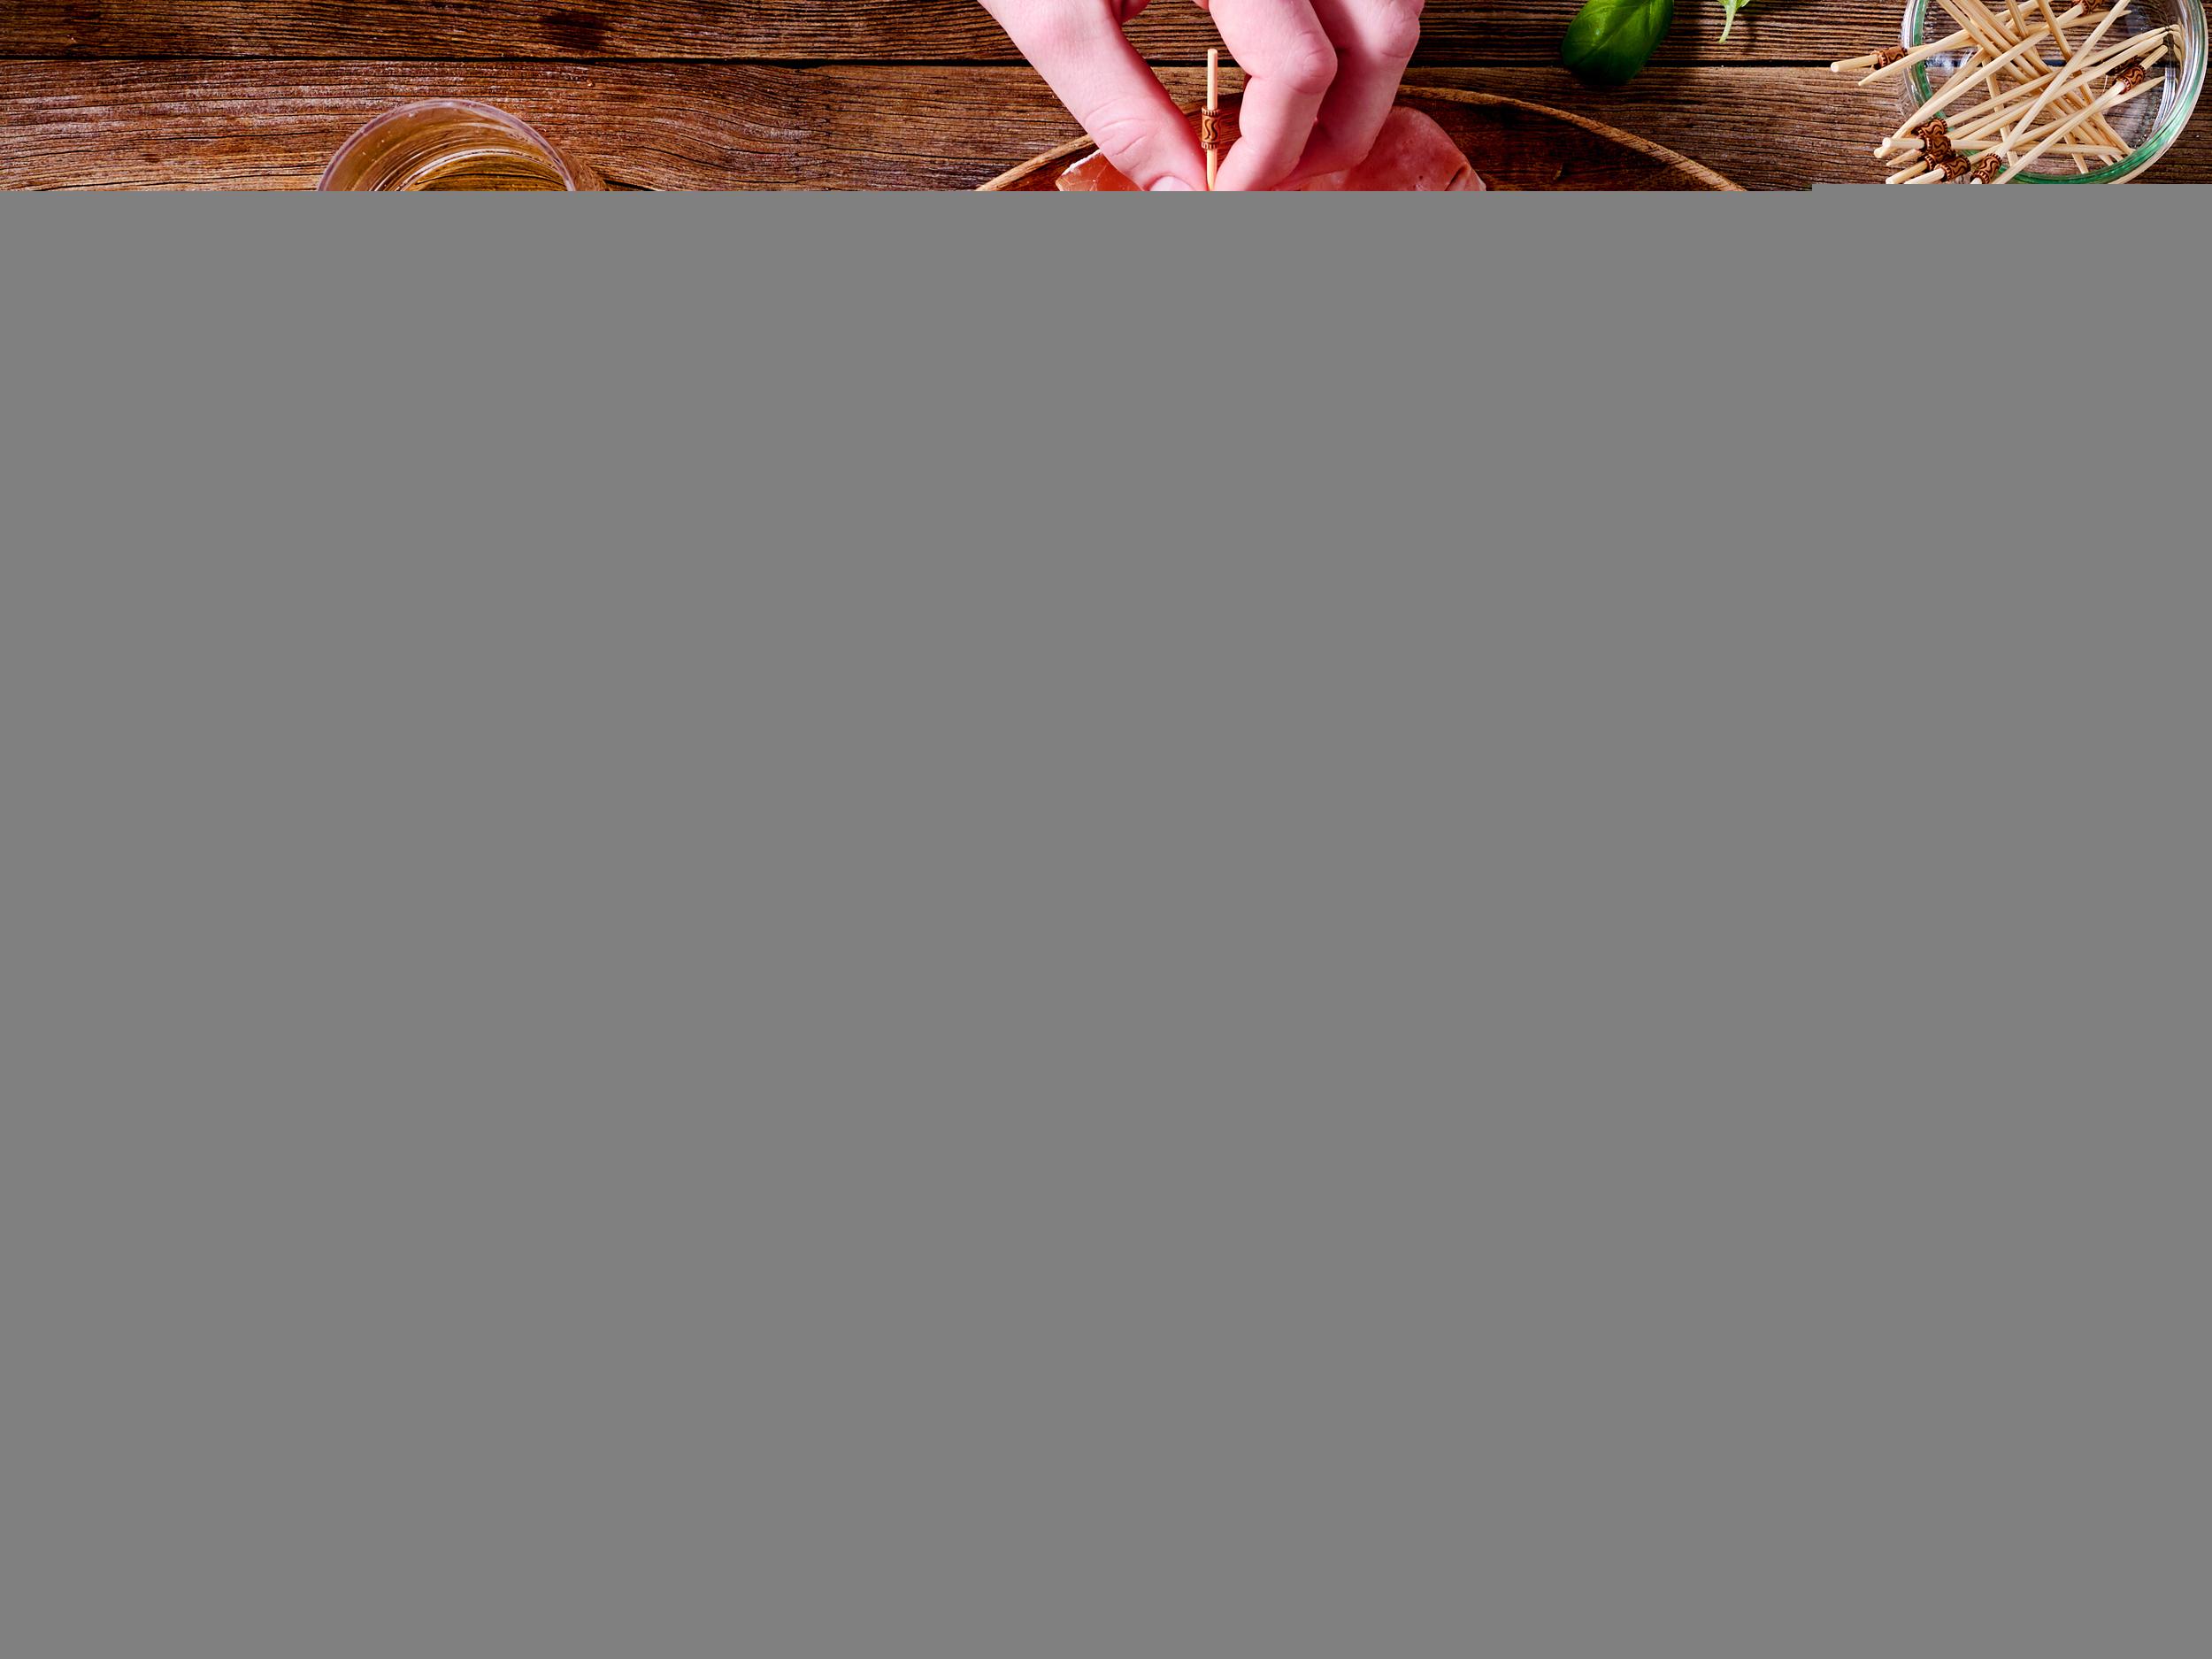 Partyrezepte Zum Vorbereiten - Lecker Und Praktisch! | Lecker innen Schnelle Rezepte Für Gäste Zum Vorbereiten